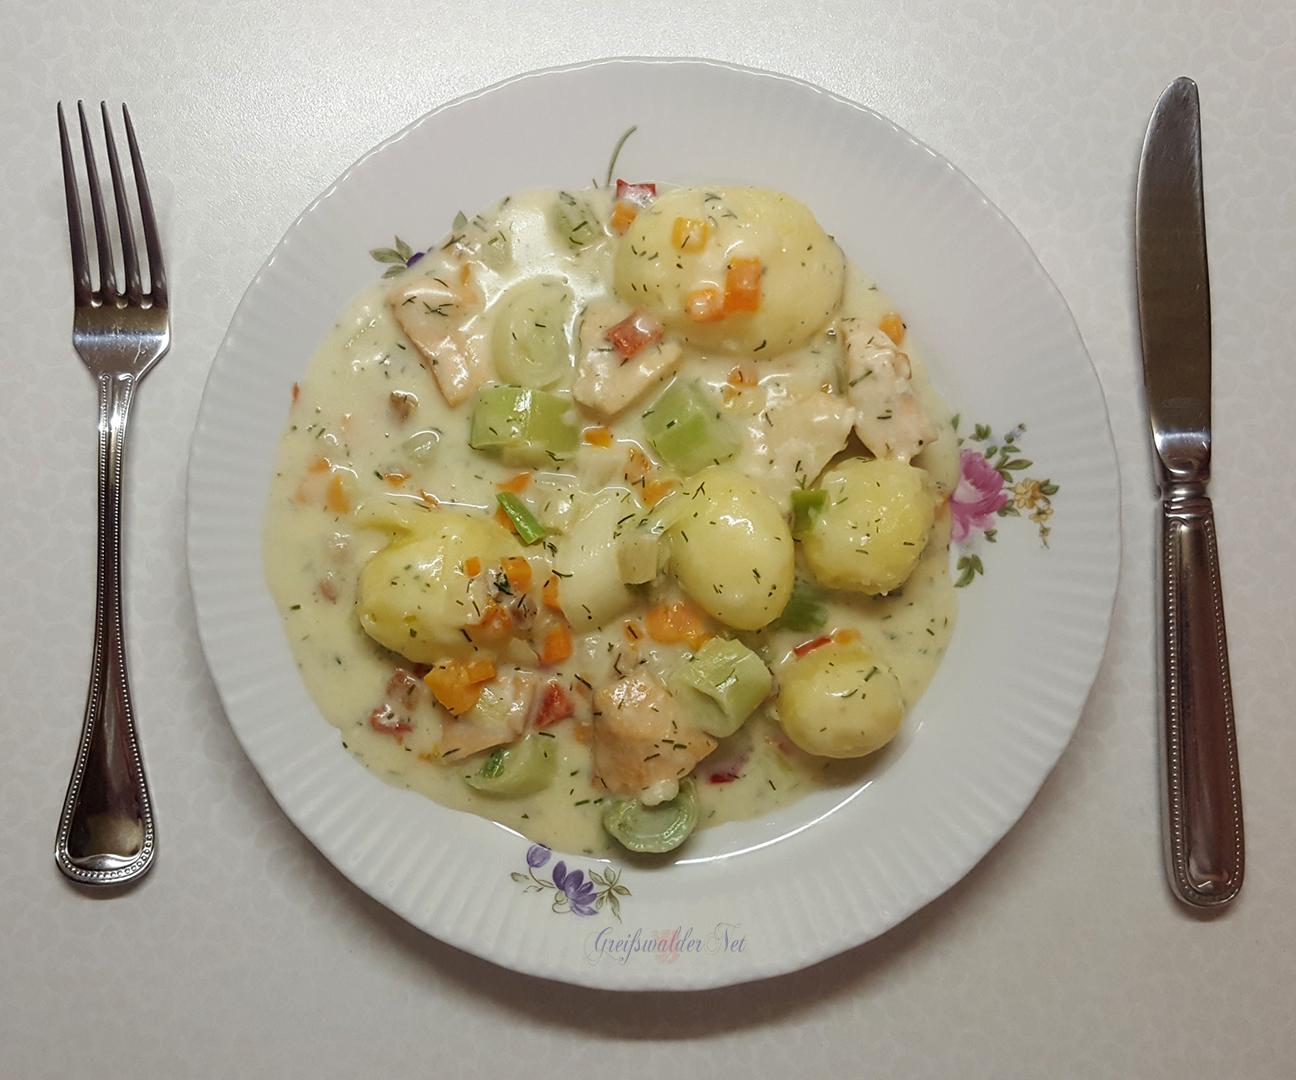 Wildlachs, Helgoländer Art, mit Kartoffeln und Gemüse